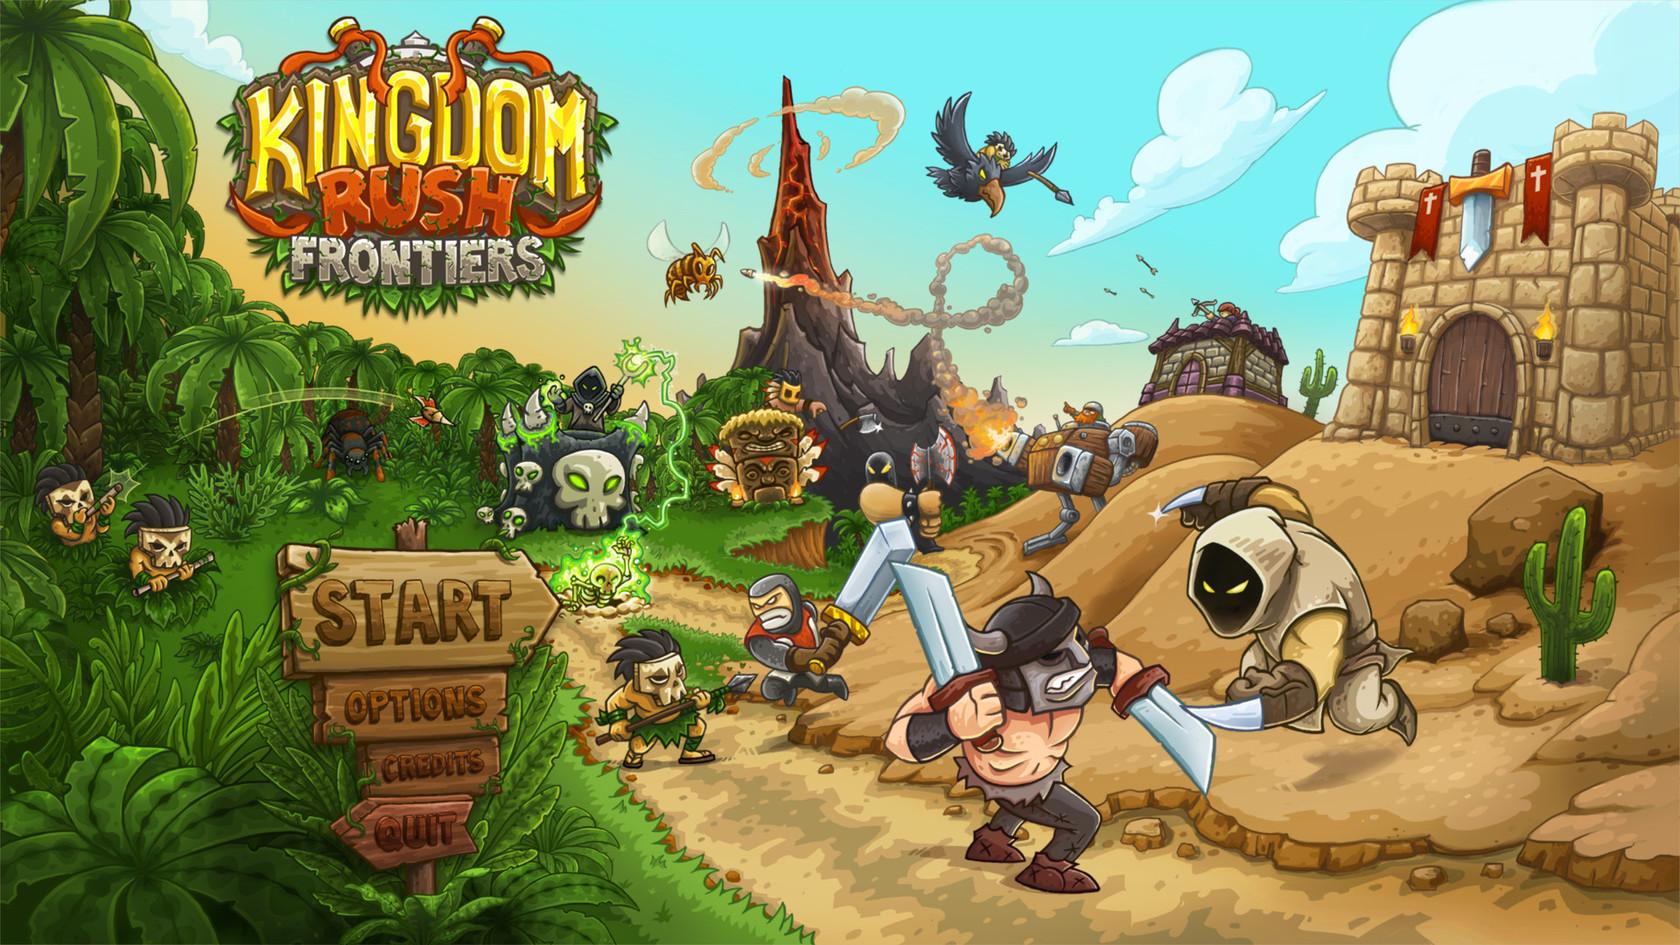 Kingdom Rush Frontiers | macgamestore.com on bo2 origins, marvel vs. capcom origins, flight origins, deadpool origins, dayz origins,